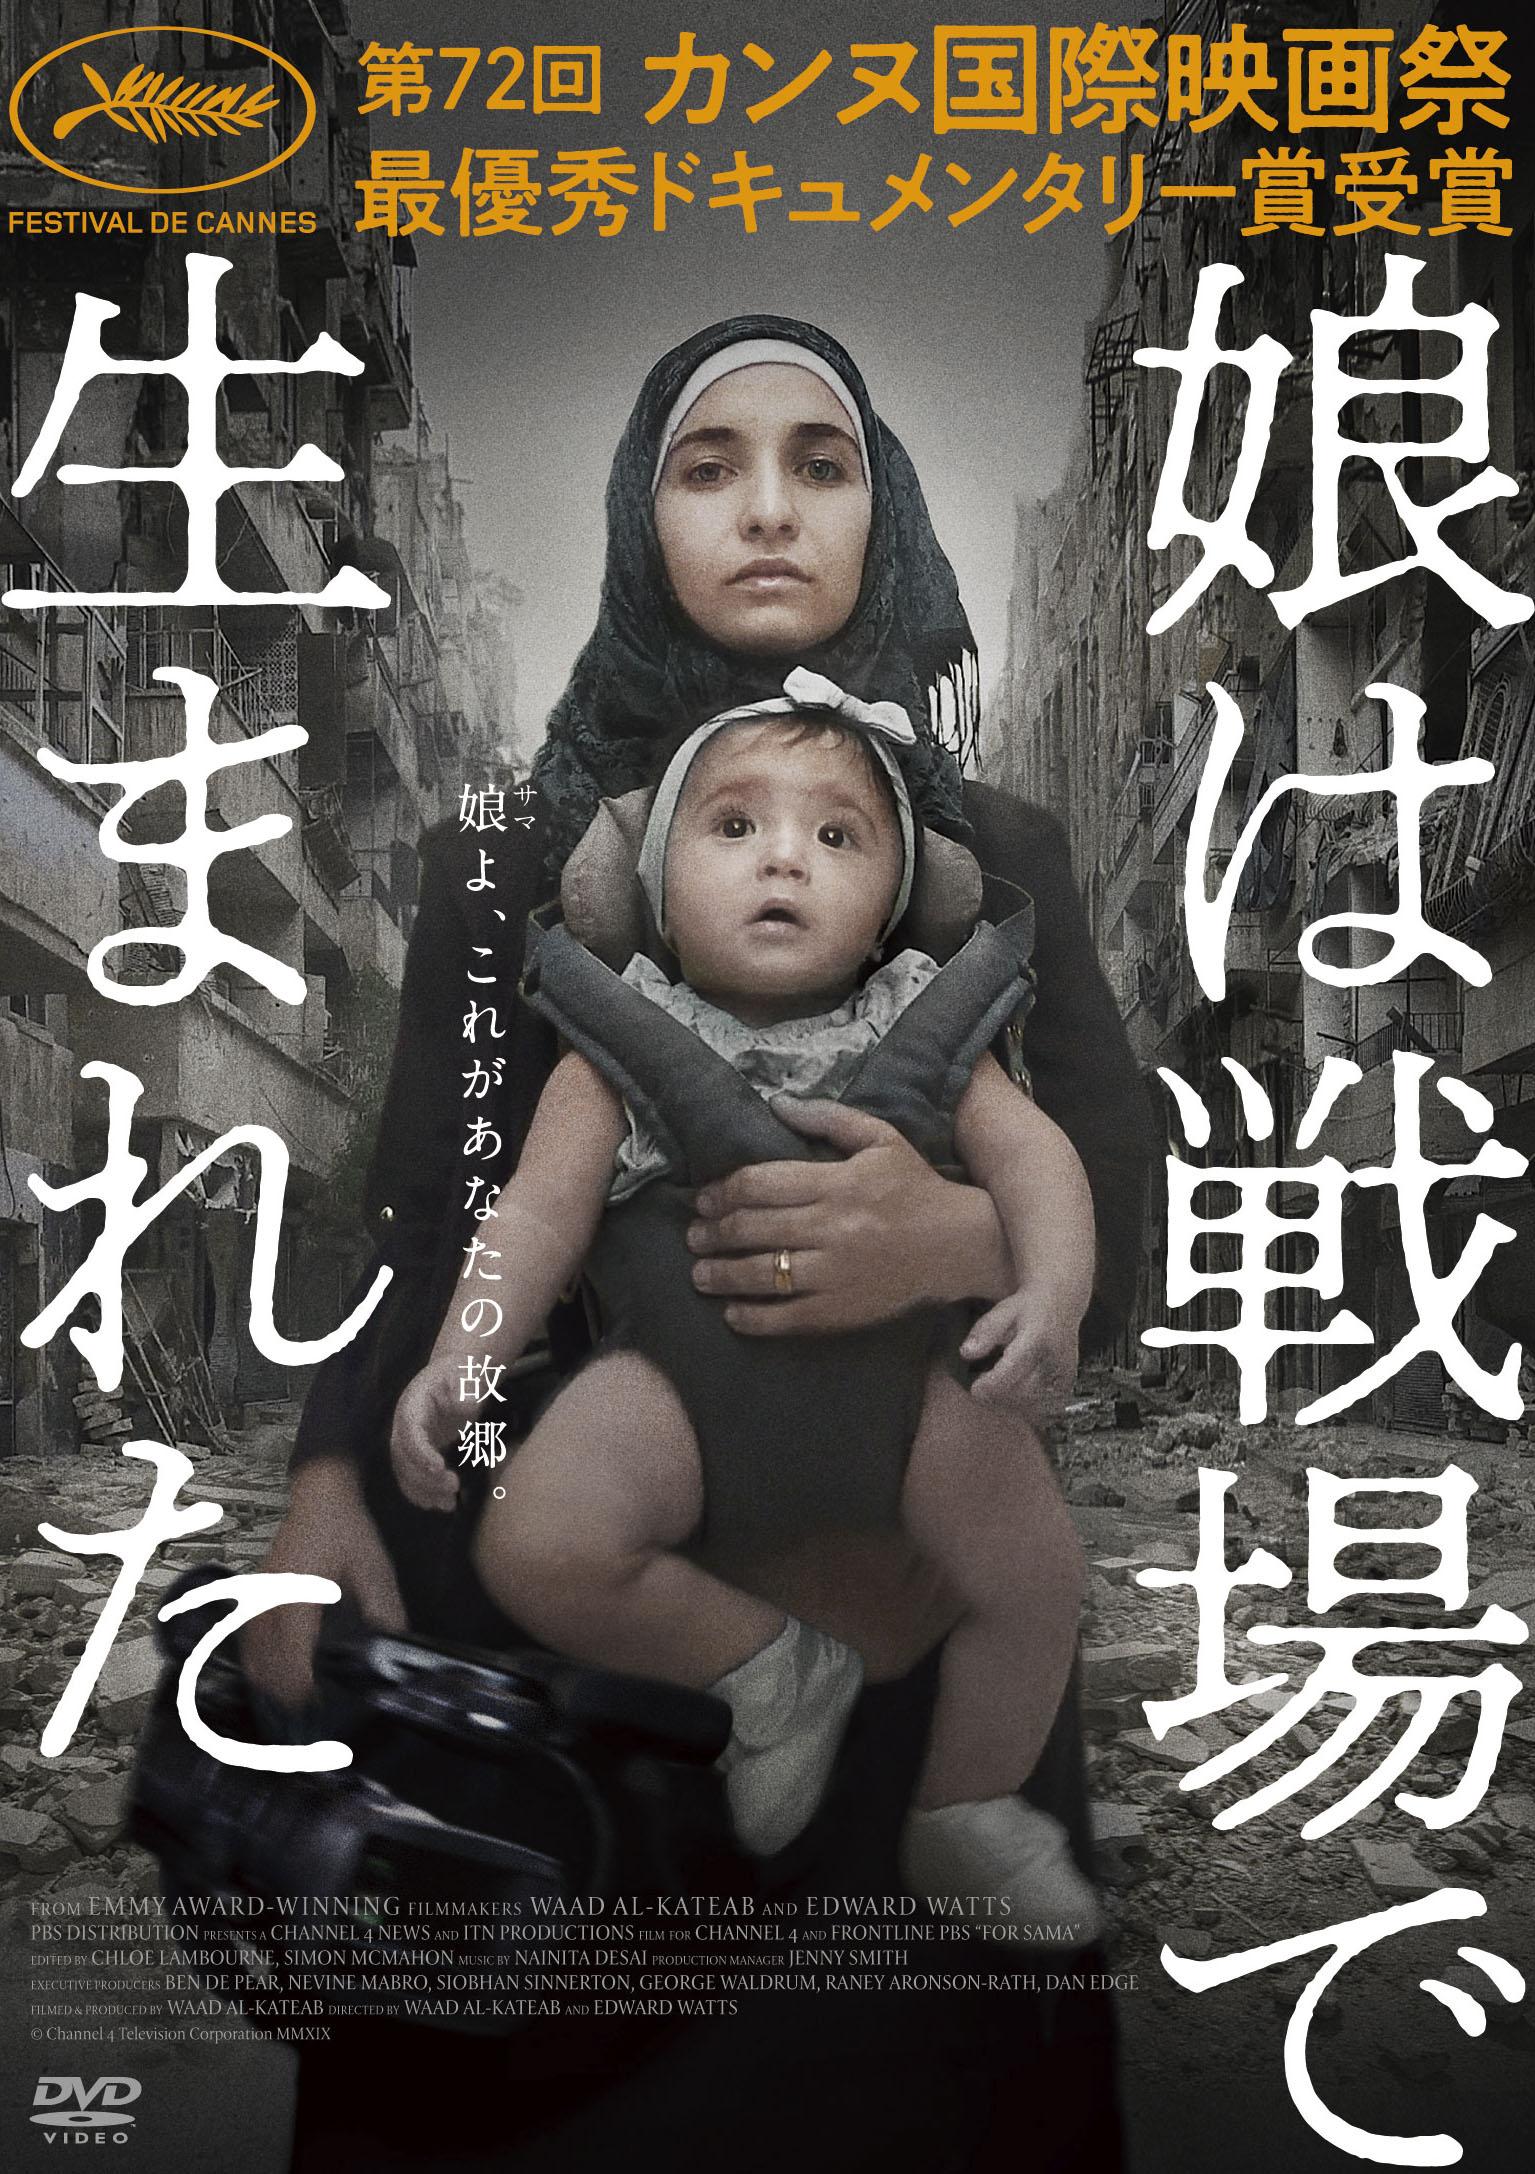 戦争と人間を赤裸々に映しだす、緊迫のドキュメンタリー「娘は戦場で生まれた」。10月2日DVD発売決定。